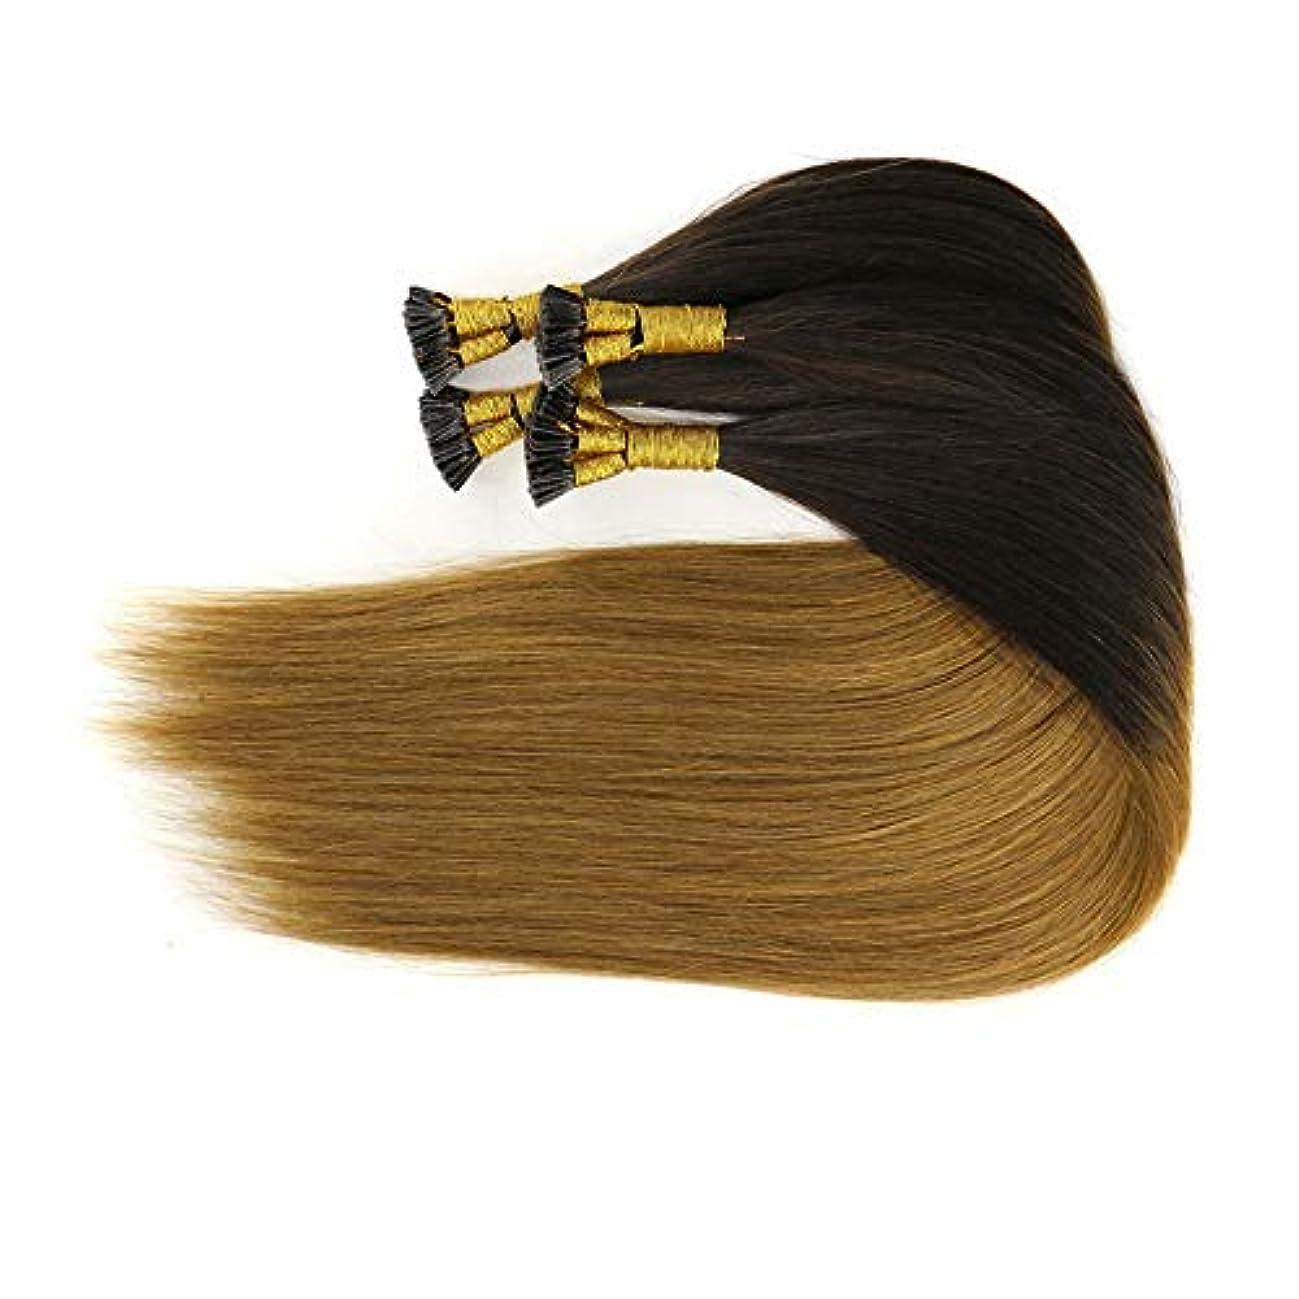 犠牲商品着陸WASAIO ヘアエクステンションクリップUnseamed髪型オンブルブラウンサワー根ざしたブラジルの人間レミーヘアエクステンションナノリングヘアエクステンション (色 : ブラウン, サイズ : 16 inch)